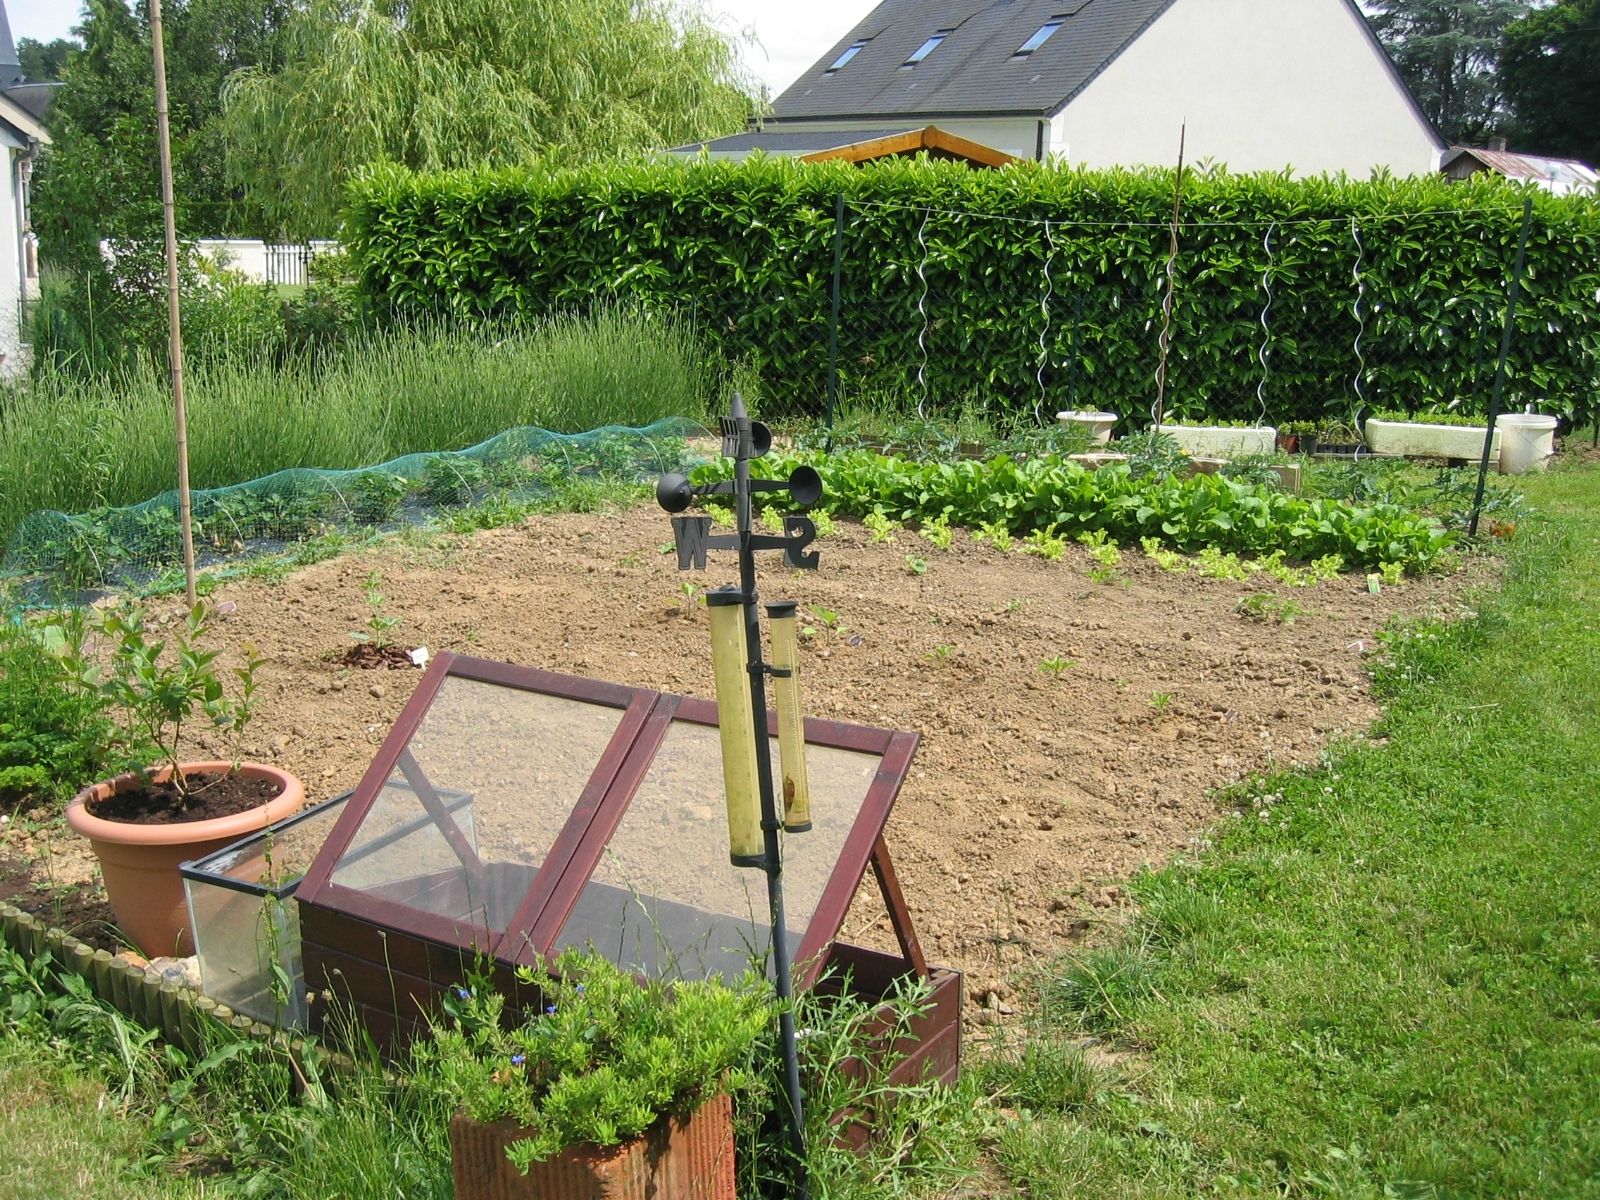 Comment Faire Un Petit Jardin Conception - Idees Conception ... encequiconcerne Faire Un Petit Potager Dans Son Jardin